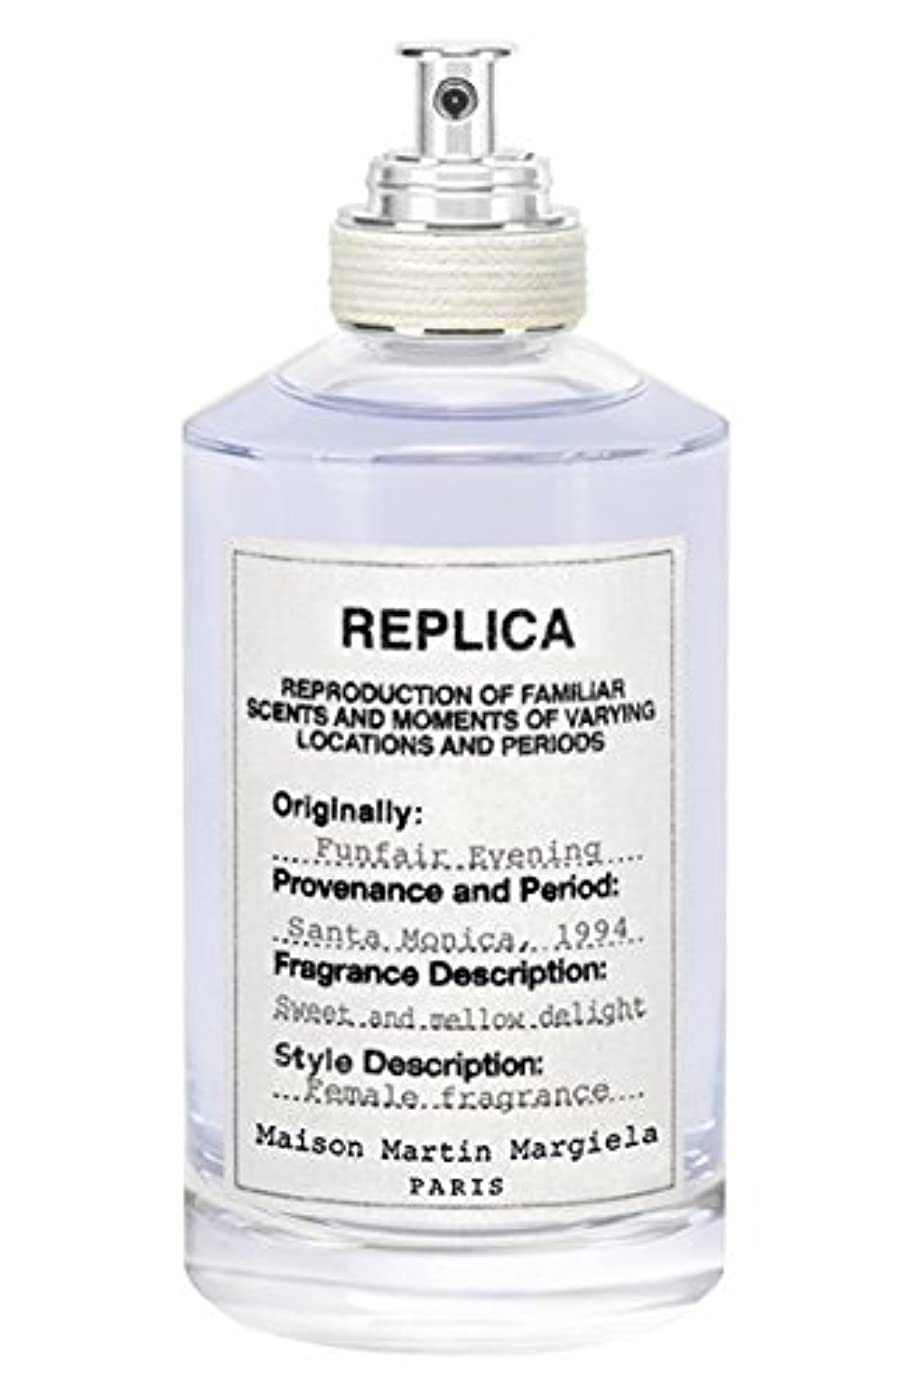 誓い壮大決定するReplica - Funfair Evening(レプリカ - ファンフェアー イブニング) 3.4 oz (100ml) Fragrance for Women